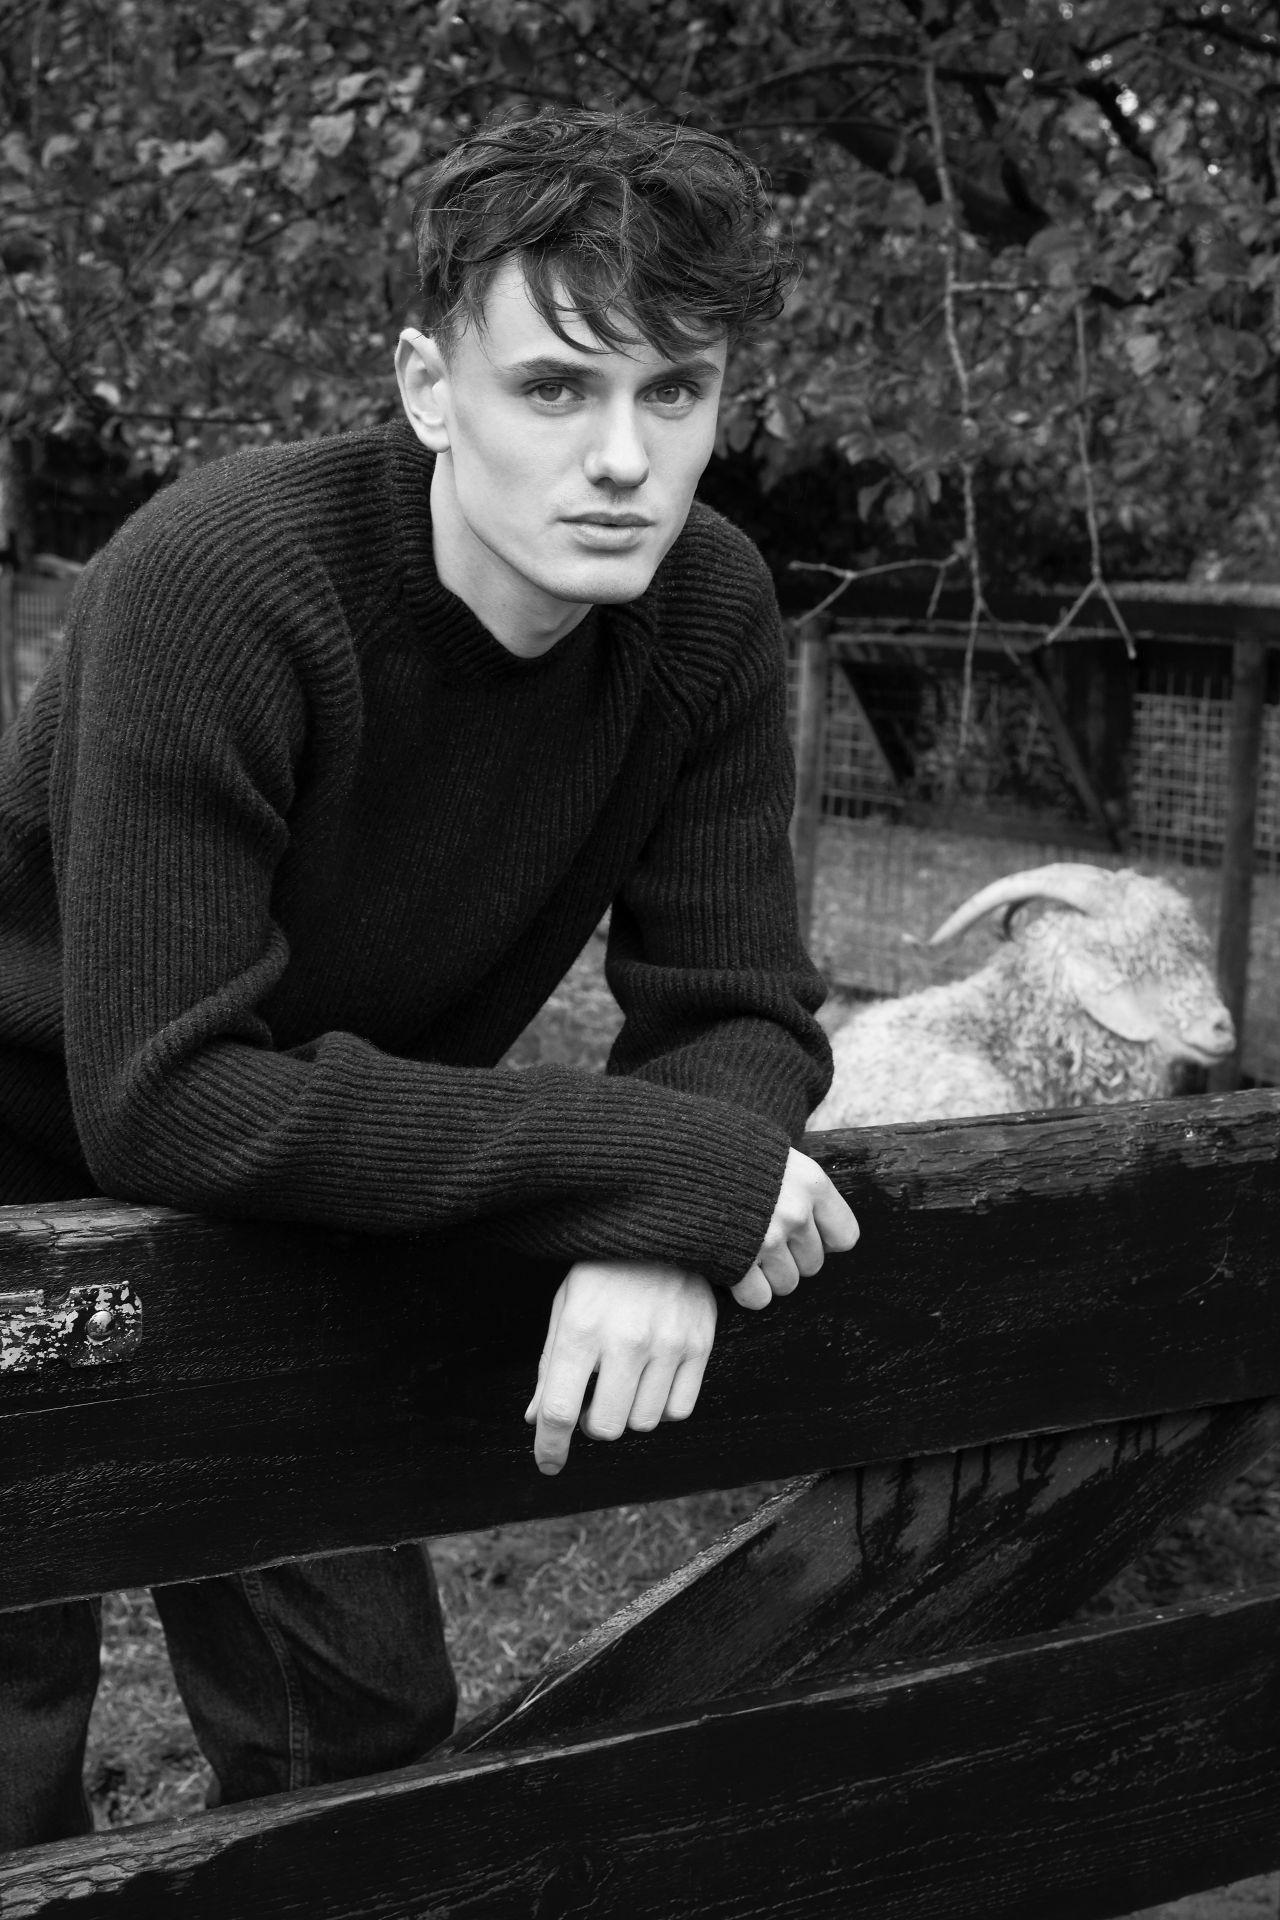 Torben men's sweater dark grey merino wool ambience picture.